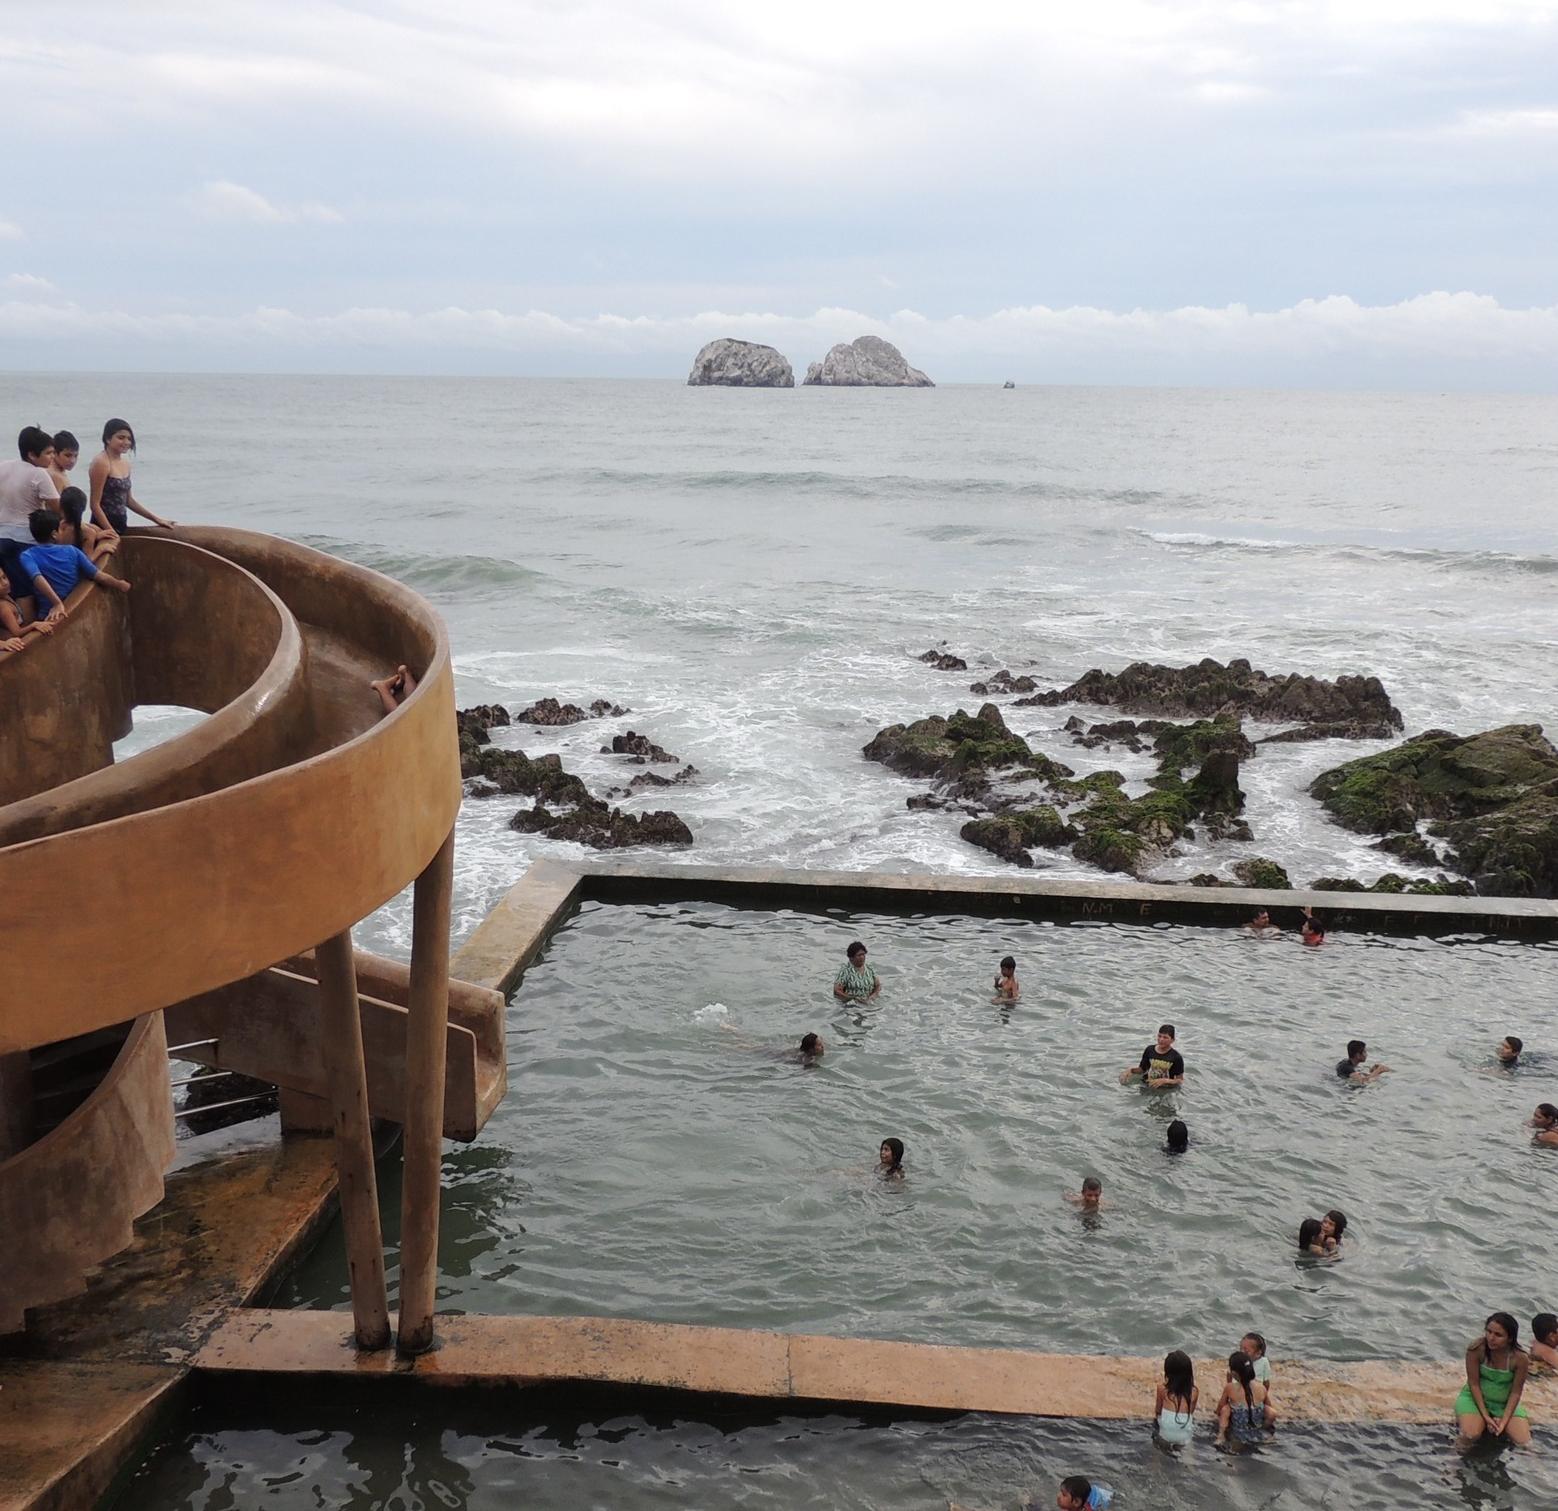 pool in the ocean